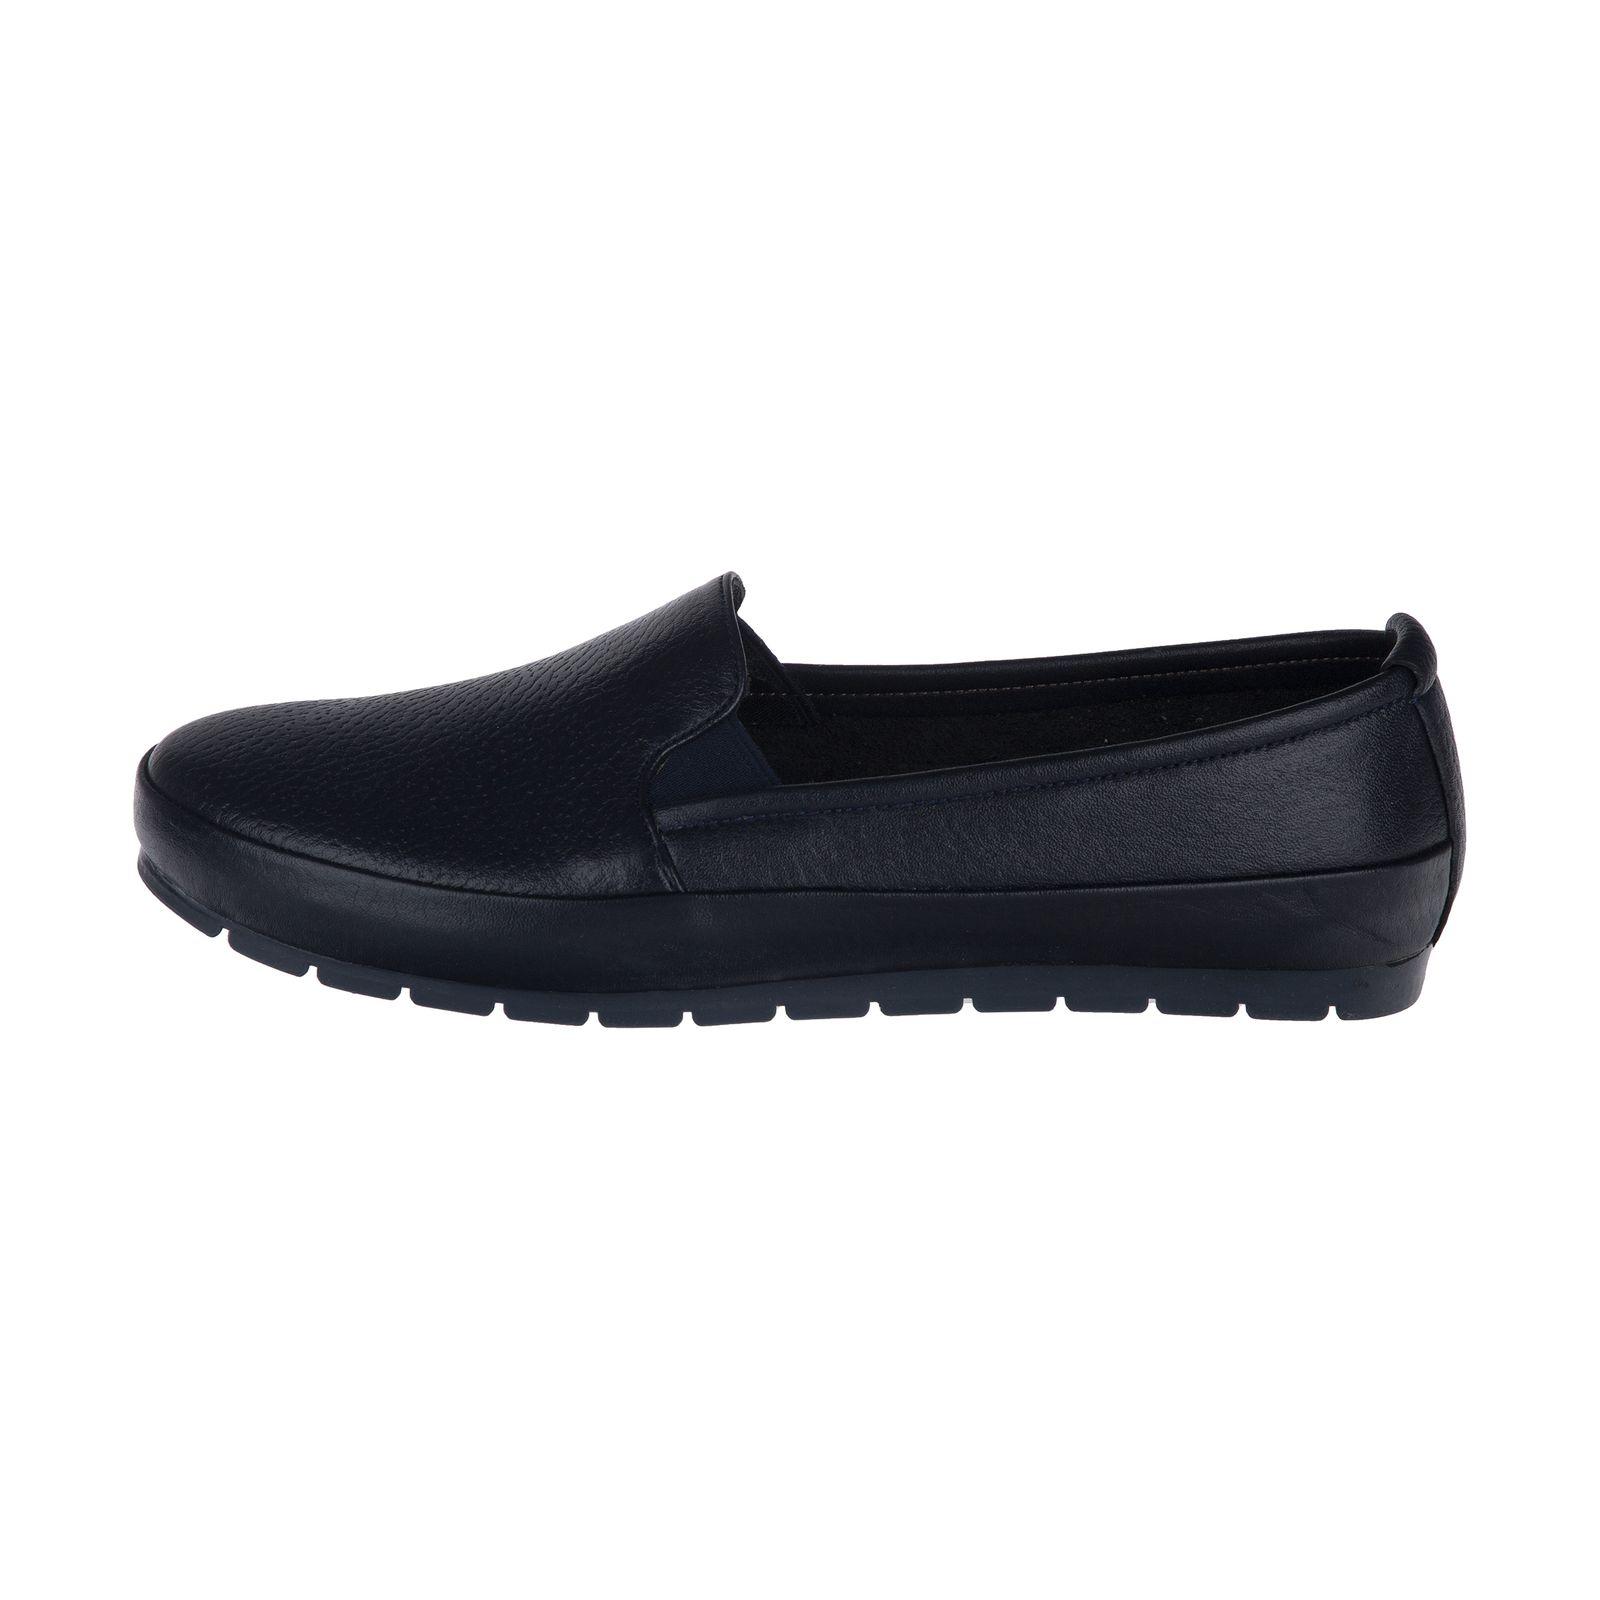 کفش روزمره زنانه بلوط مدل 5313A500103 -  - 2